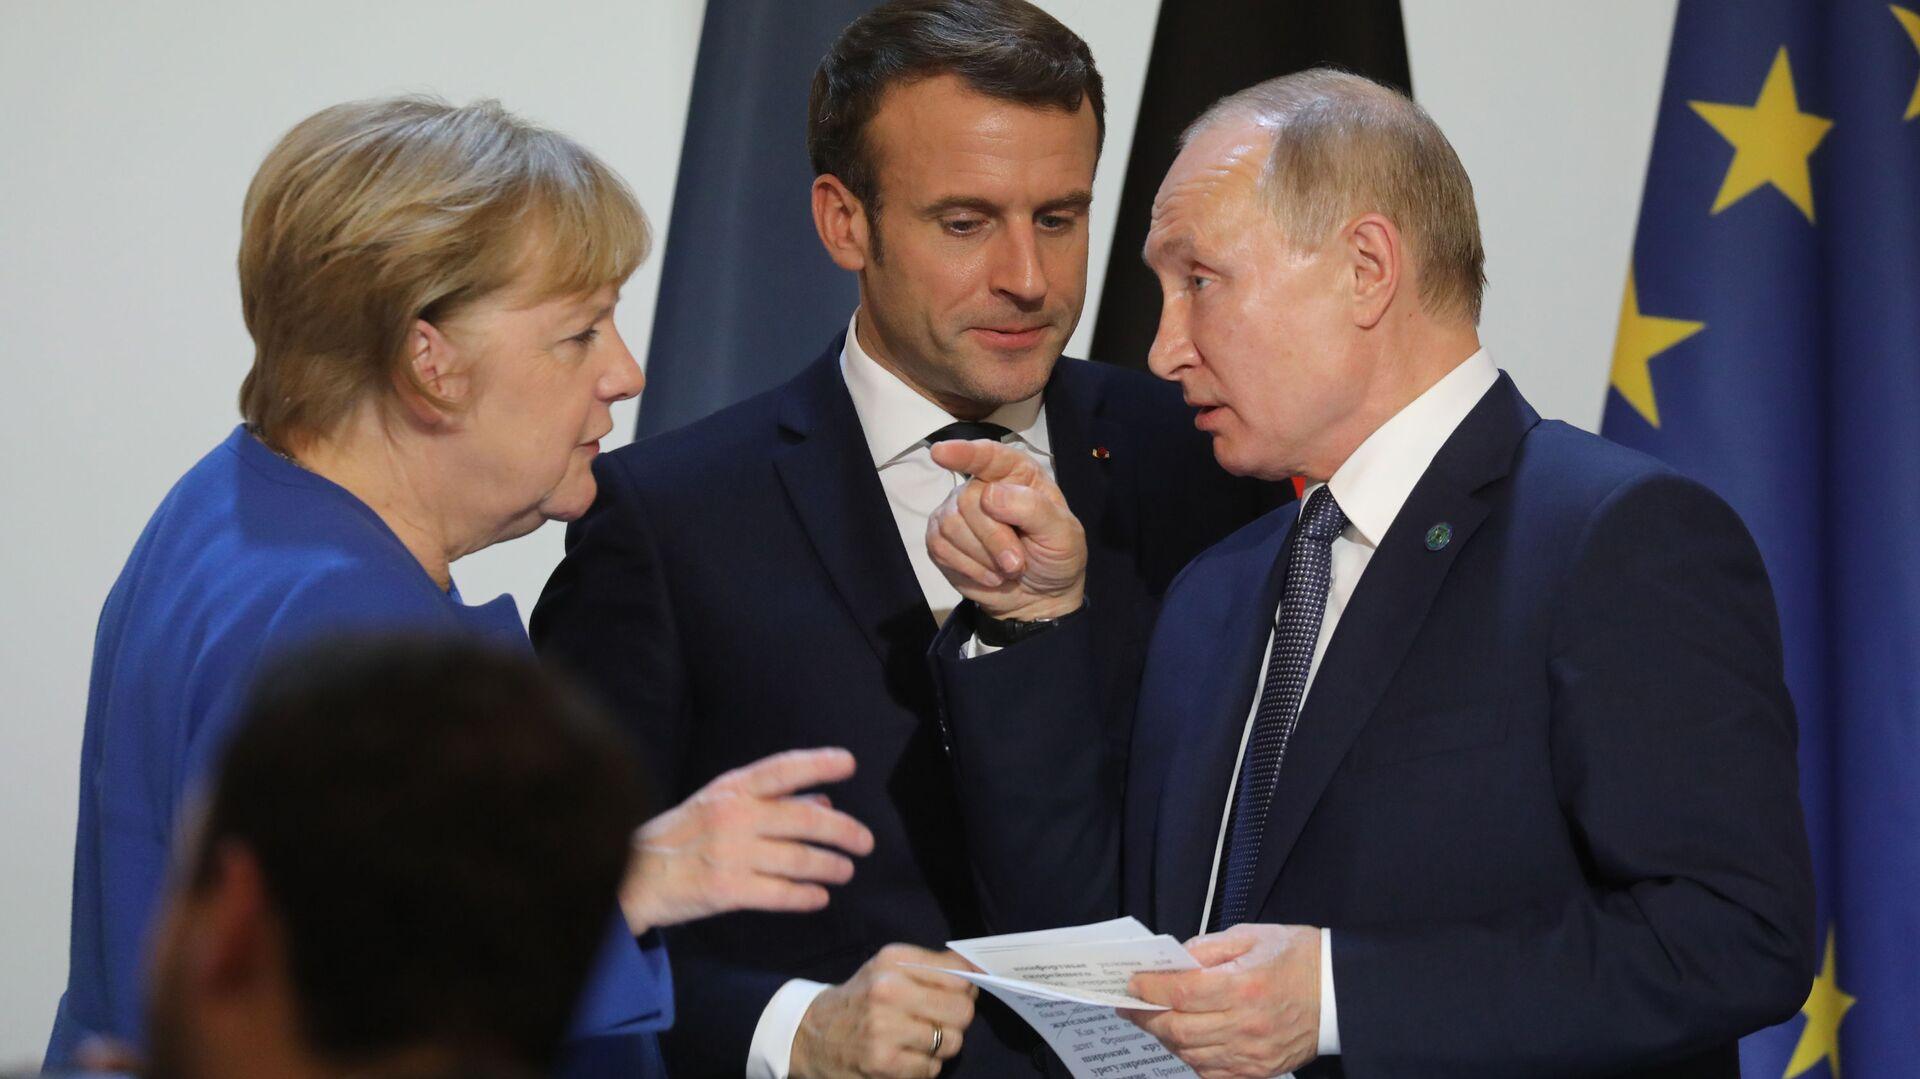 Канцлер Германии Ангела Меркель, президент Франции Эммануэль Макрон и президент России Владимир Путин - Sputnik Таджикистан, 1920, 12.10.2021